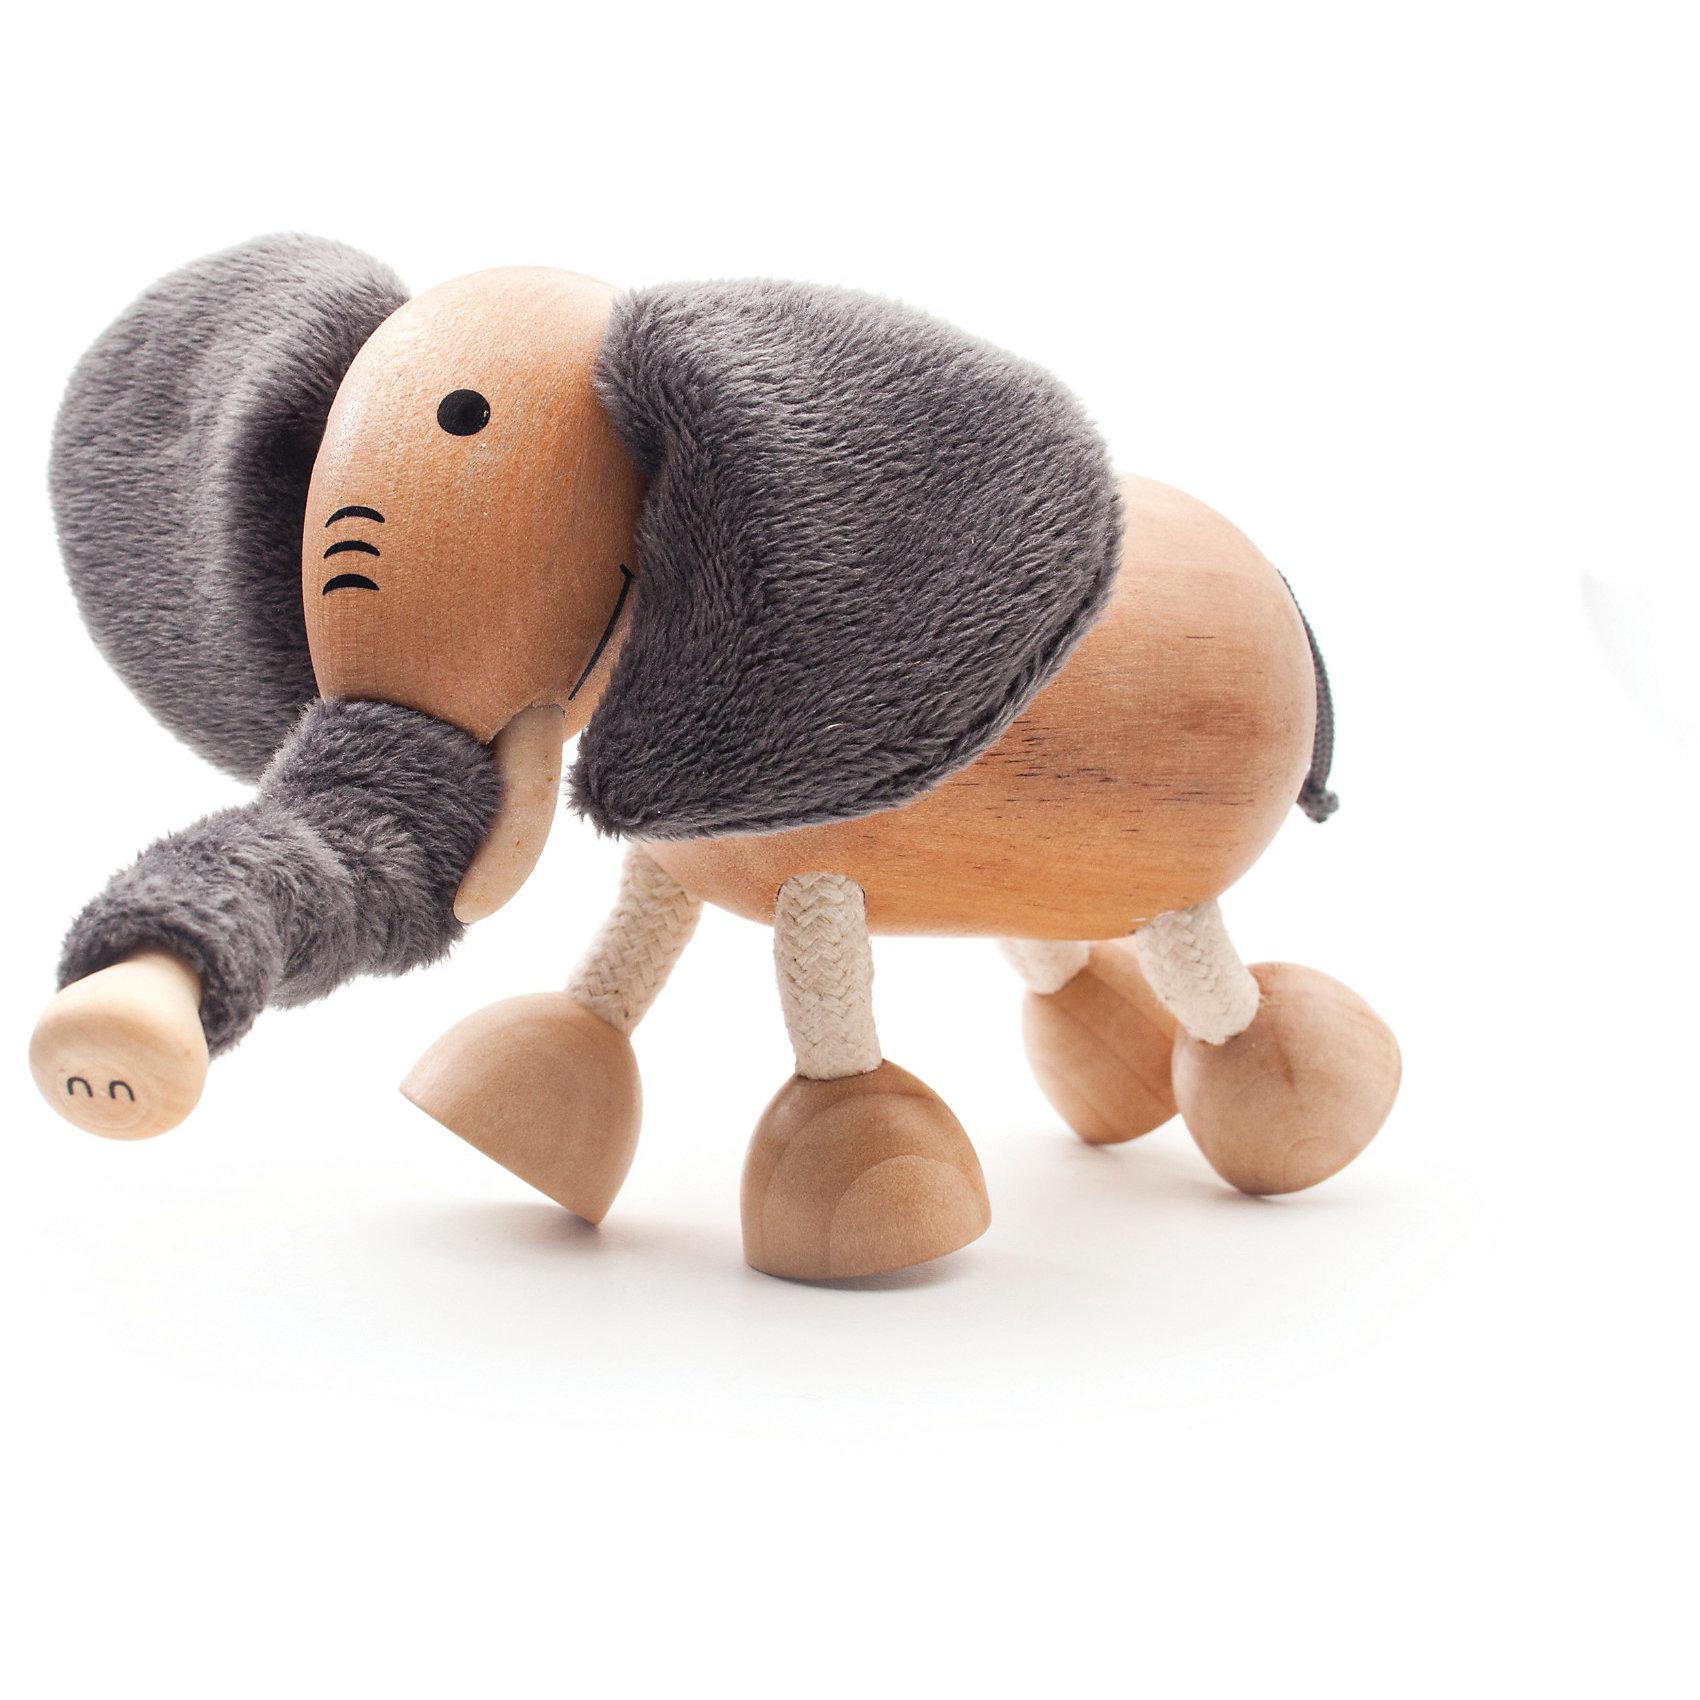 Слоненок, AnaMalzAnaMalz – самые милые деревянные игрушки на свете!<br><br>Придуманные австралийским дизайнером Луизой Косан-Скотт,<br>игрушки AnaMalz завоевали более 15 отраслевых наград, включая Австралийскую международную награду в области дизайна, присуждаемую организацией Standards Australia.<br>- Игрушки AnaMalz предназначены для детей от 3 лет<br><br>- AnaMalz изготовлены из дерева, называемого schima superba или «игольчатое дерево» (быстрорастущее дерево, выращиваемое на лесных плантациях)<br><br>- Рога изготовлены из термопластичной резины (TPR) – материала, одобренного Управлением по контролю качества пищевых продуктов и медикаментов (FDA). Смесь TPR с древесной мукой является экологичной альтернативой пластмассе<br><br>- Все игрушки AnaMalz раскрашиваются вручную с использованием безопасной для детей краски и клея без содержания формальдегида<br><br>- Древесные отходы от производства AnaMalz используются на ферме для выращивания грибов<br><br>AnaMalz завоевали популярность во всем мире. Они стали участниками телевизионных шоу TODAY, шоу Марты Стюарт, Daily Candy Kids и USA Today Weekend. <br><br>Наши маленькие деревянные друзья покорили сердца самых строгих критиков отрасли – и получили множество «игрушечных» наград!<br><br>Ширина мм: 110<br>Глубина мм: 60<br>Высота мм: 90<br>Вес г: 117<br>Возраст от месяцев: 36<br>Возраст до месяцев: 168<br>Пол: Унисекс<br>Возраст: Детский<br>SKU: 3807614